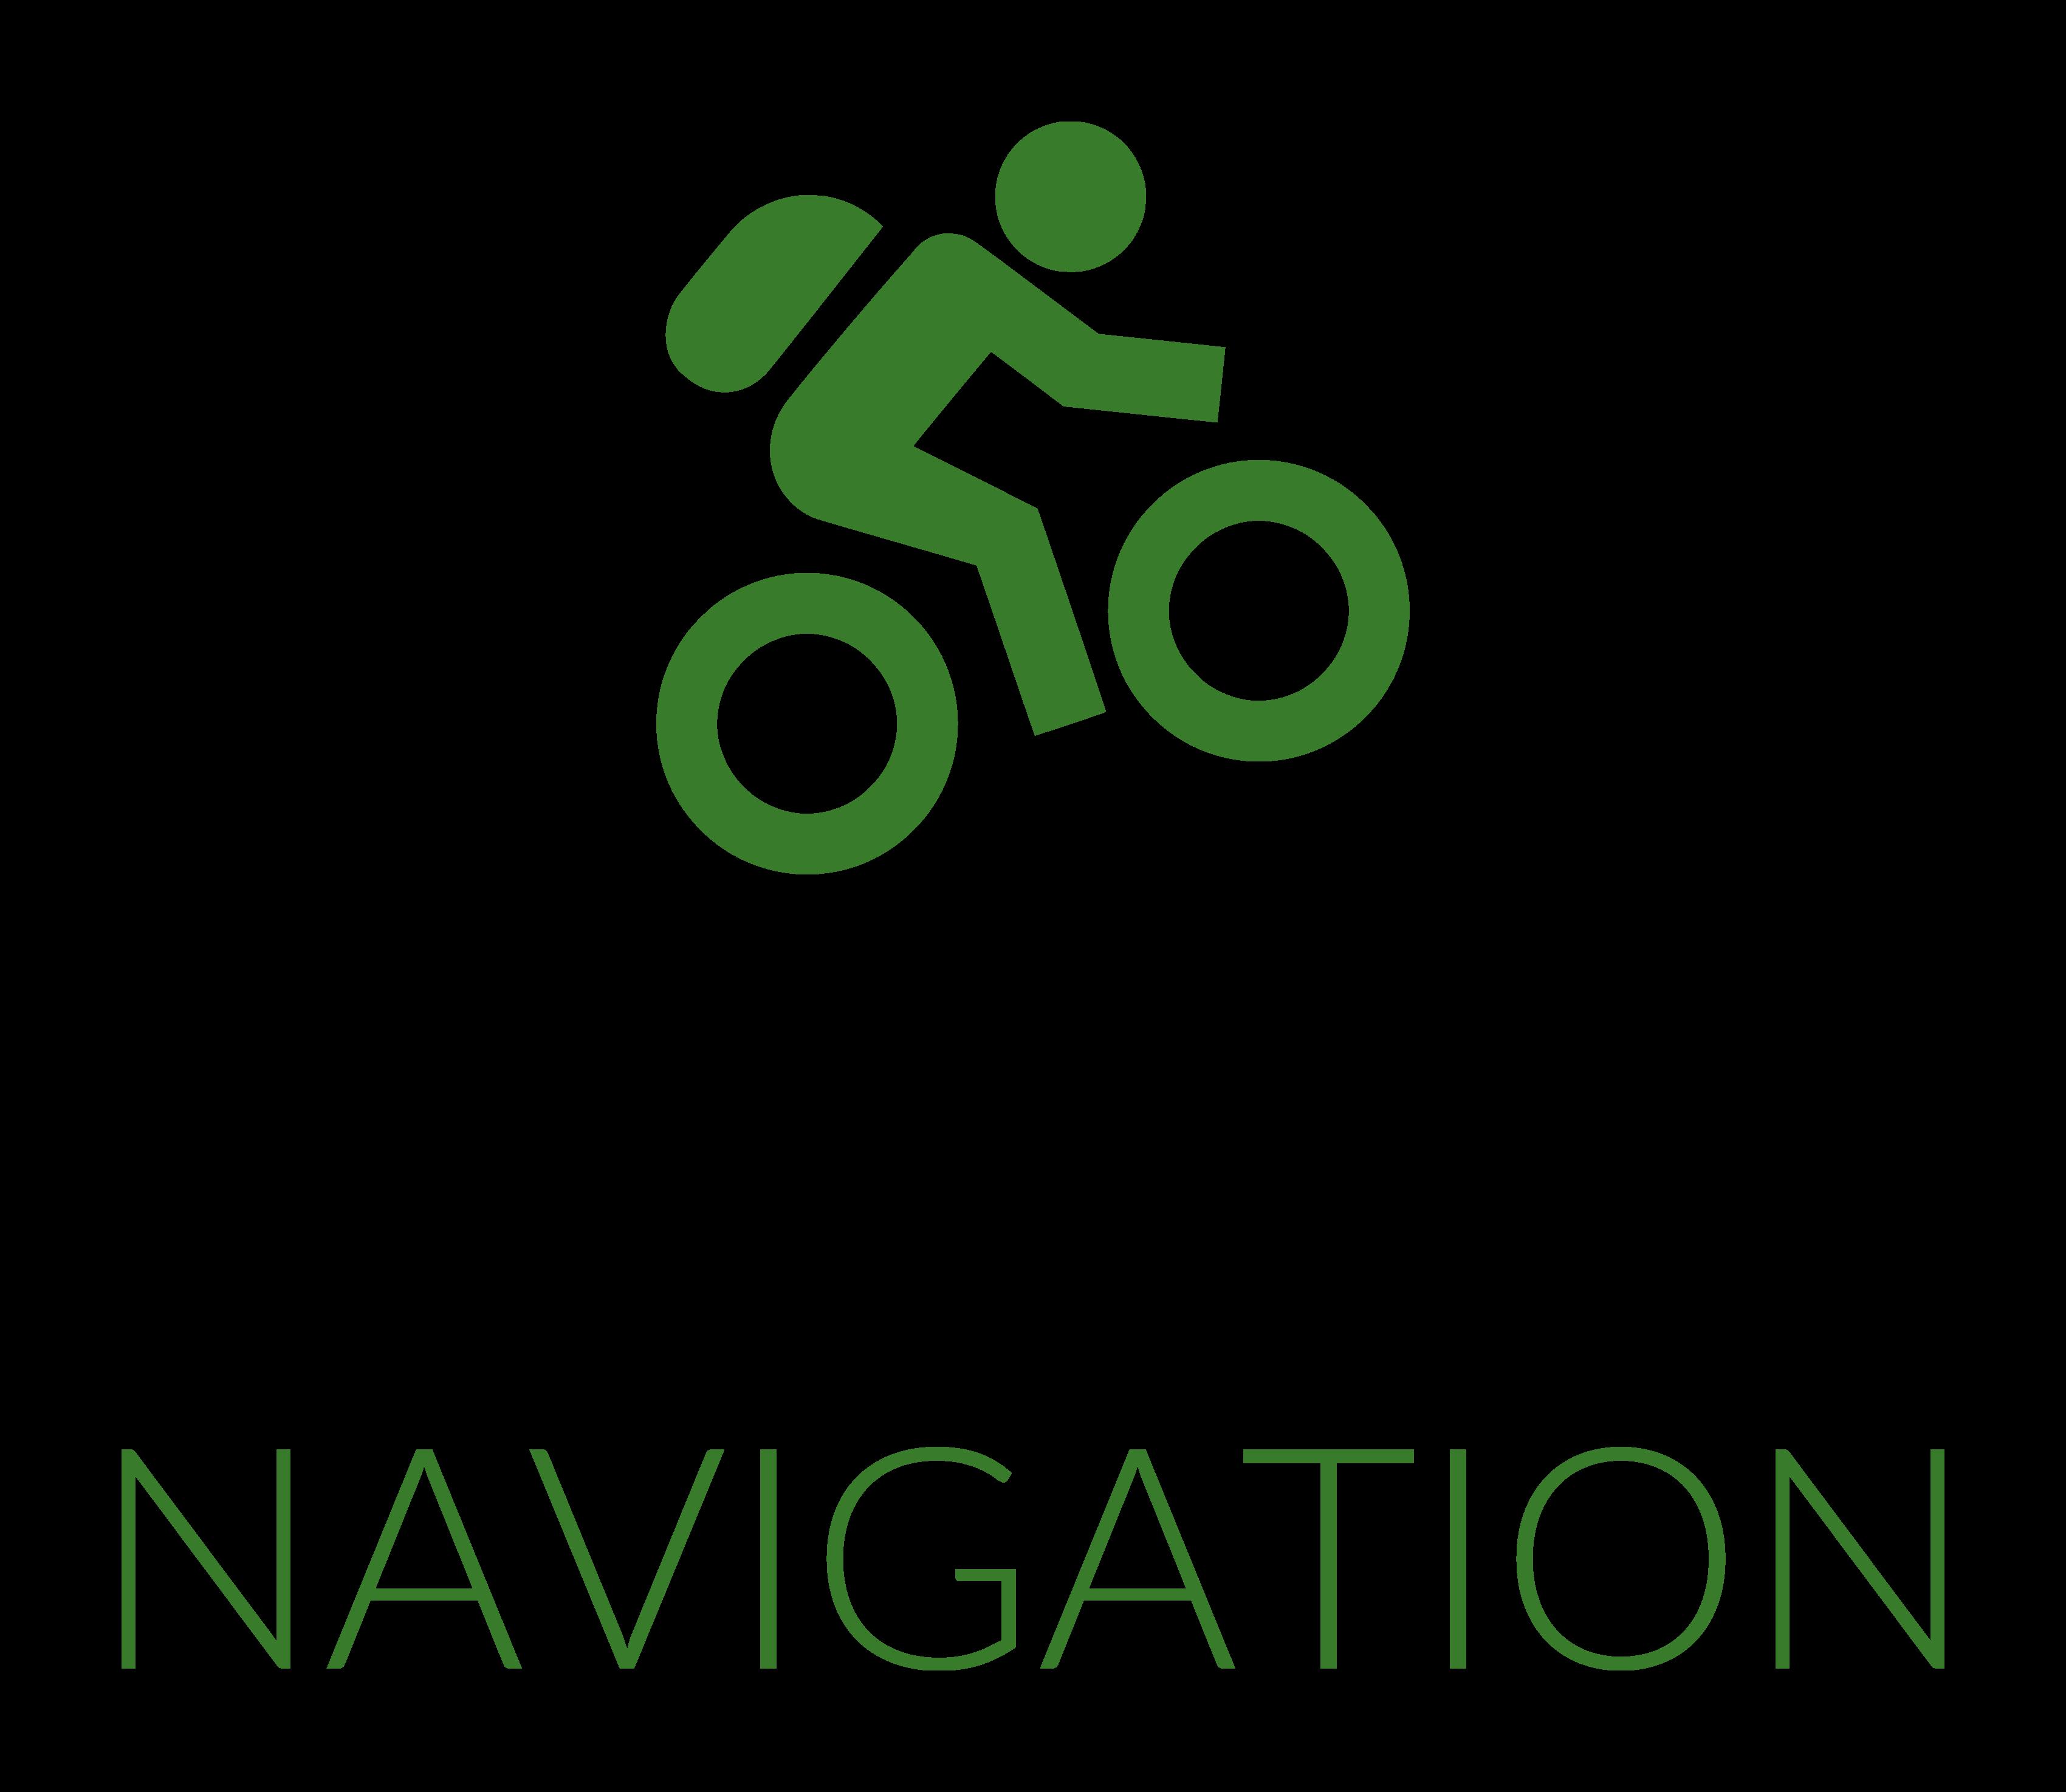 Info Fahrradnavigation